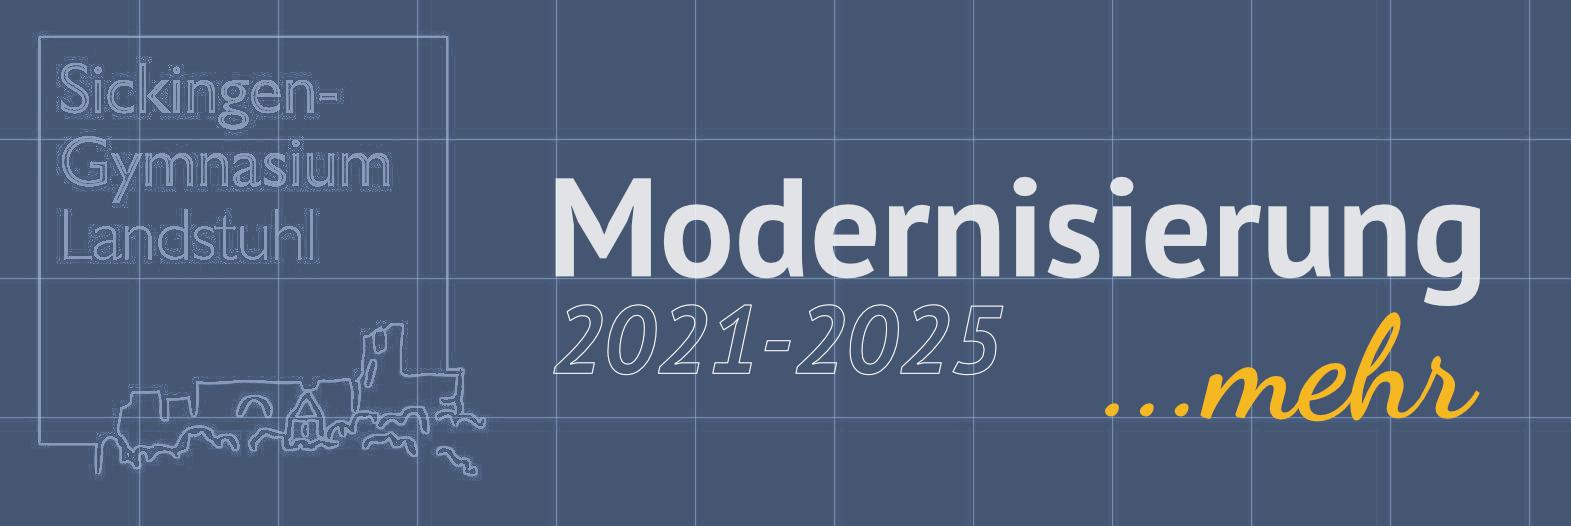 Logo der Modernisierungsarbeiten am Sickingen-Gymnasium. Schullogo als Blaupause mit Schriftzug Modernisierung.